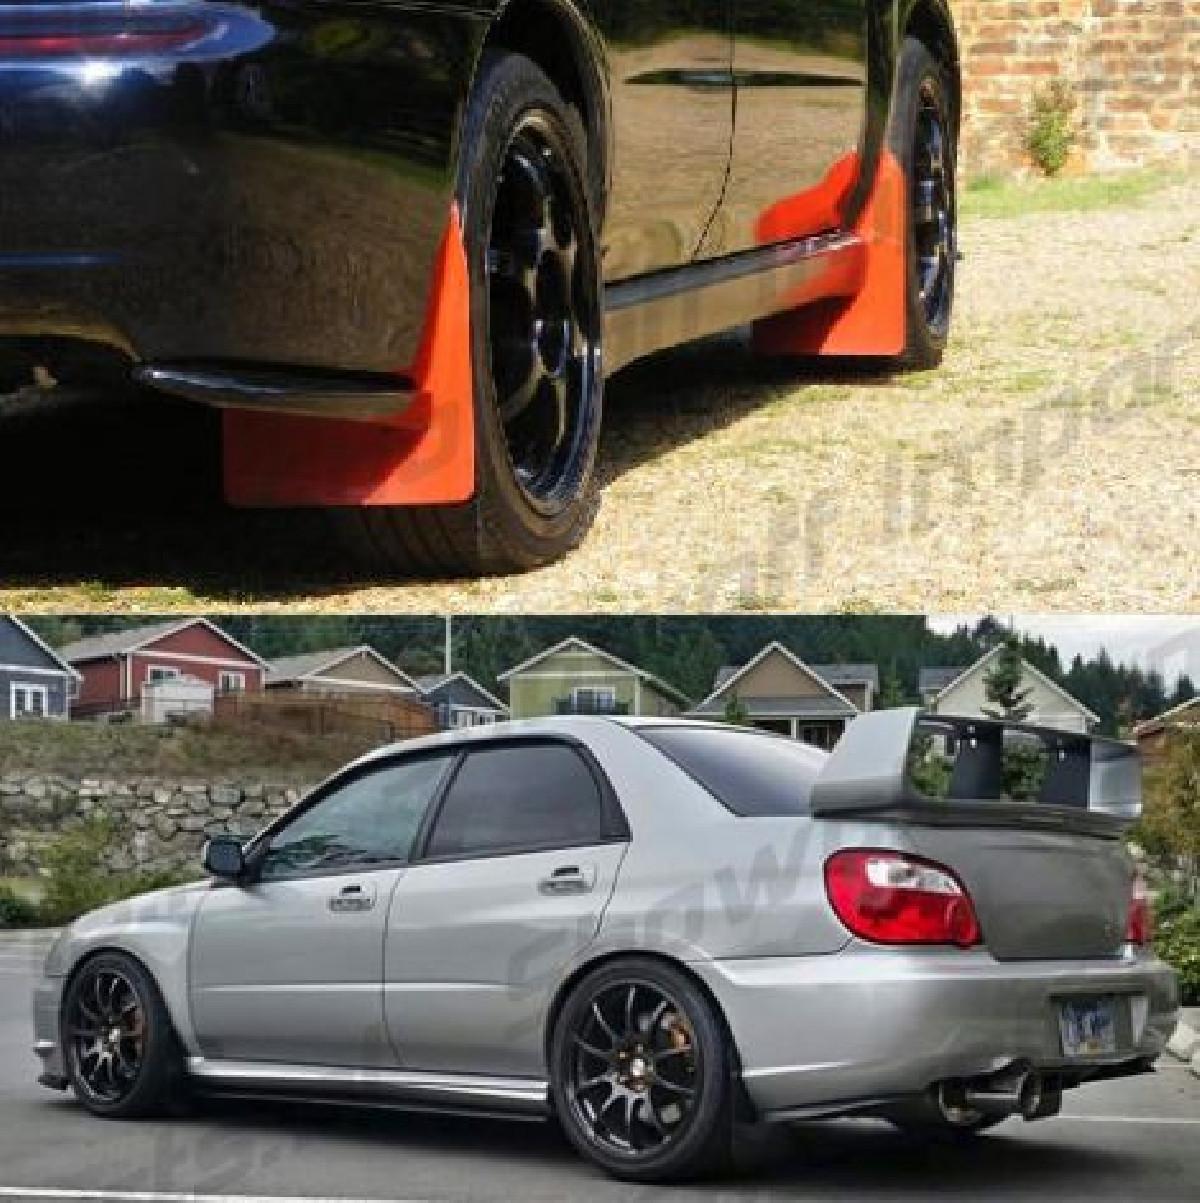 Subaru Impreza WRX/STI 03-07 Rear Lips